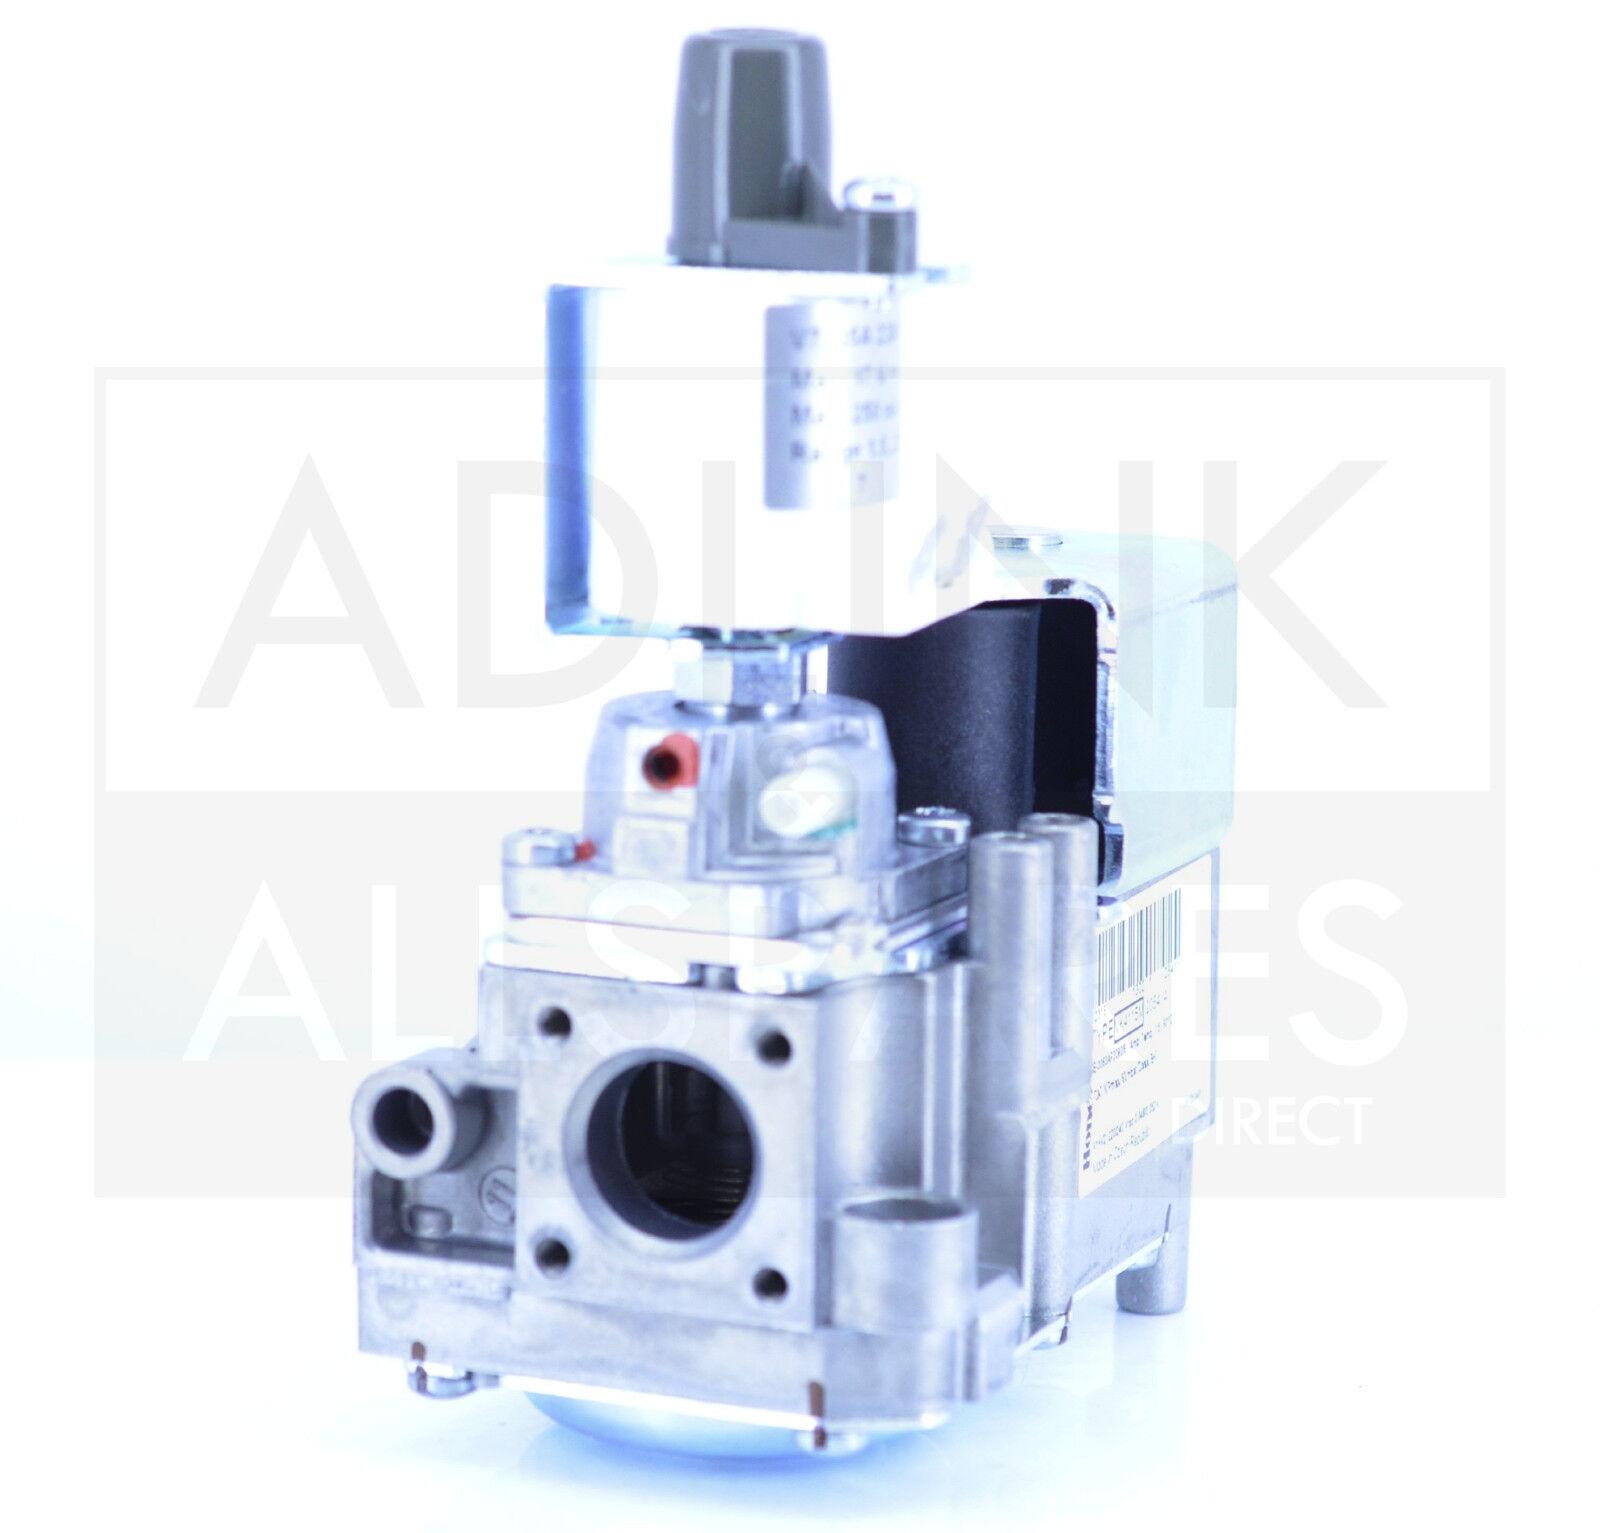 VAILLANT THERMO COMPACT VU 615 620 624 628 E GAS VALVE 053473 WAS 053369 SH